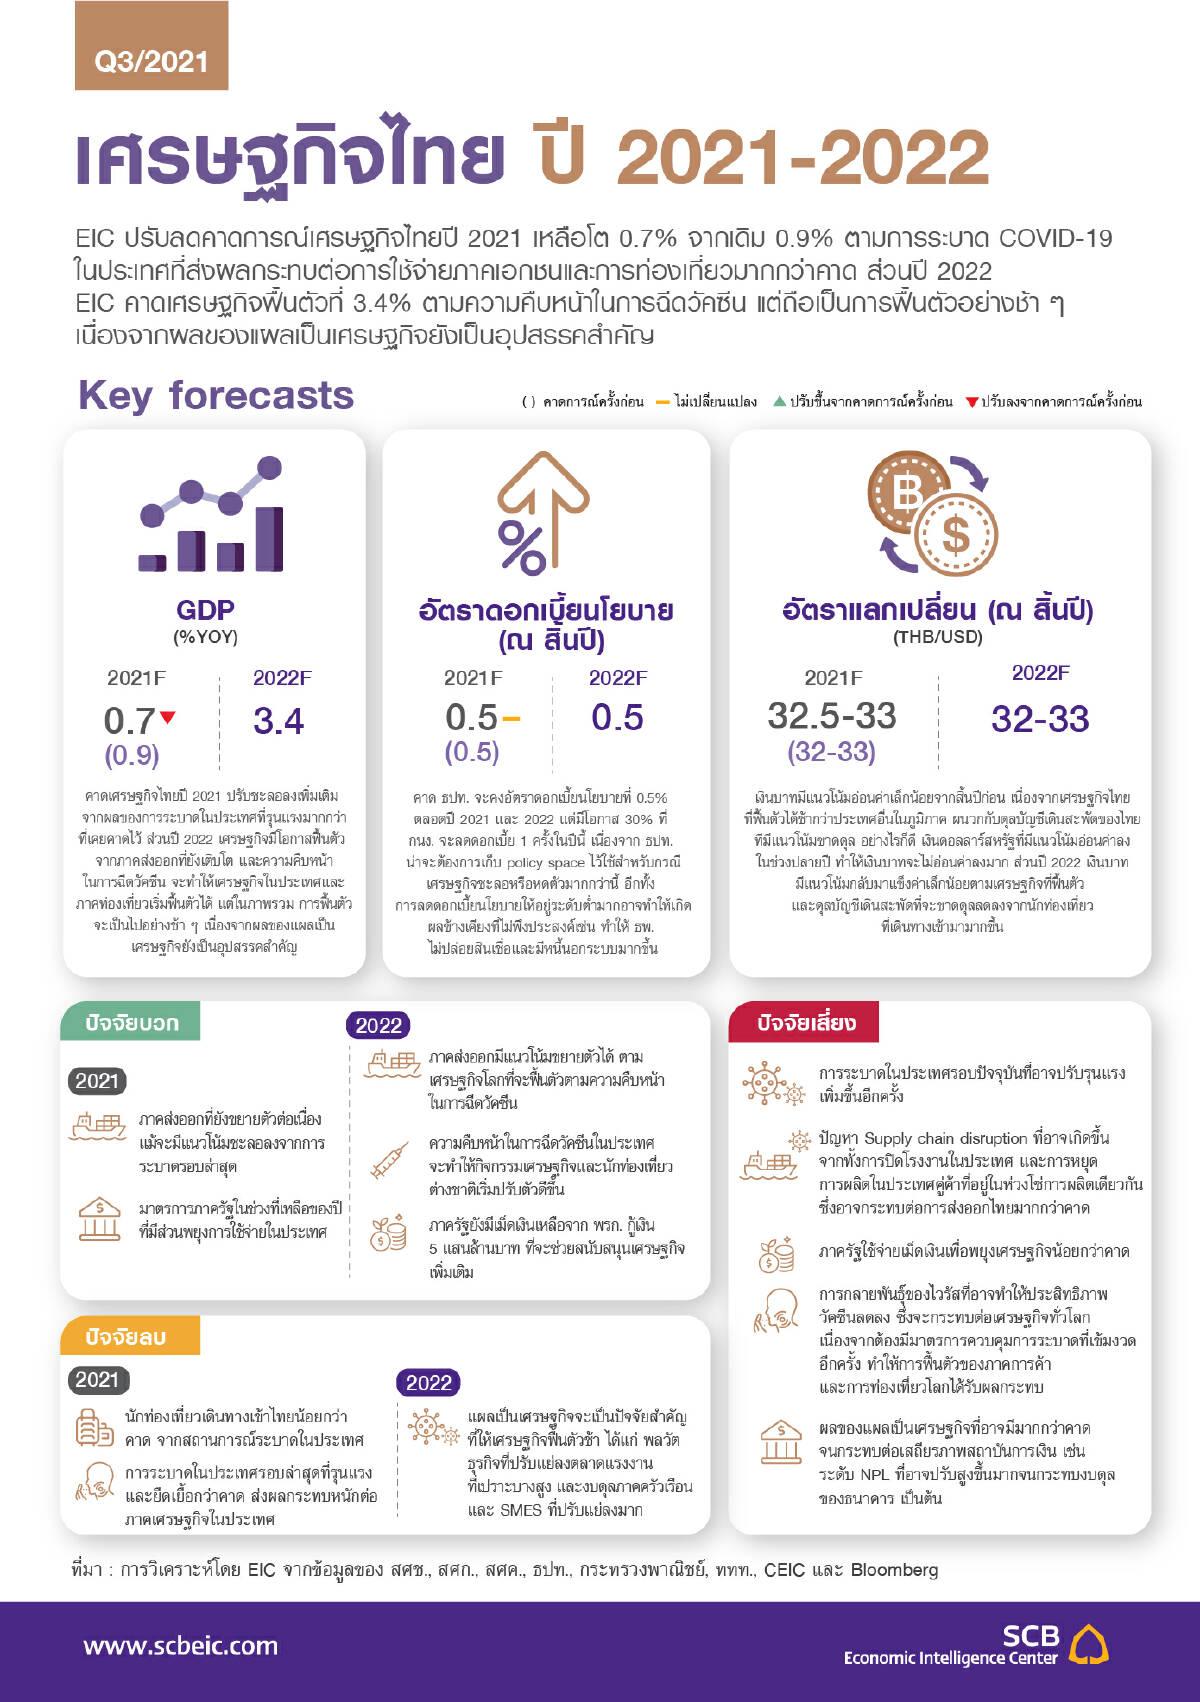 พิษโควิด-19 EIC ประมาณการเศรษฐกิจไทยปี 2021 โต 0.7% คาดฟื้นตัวปี 2023